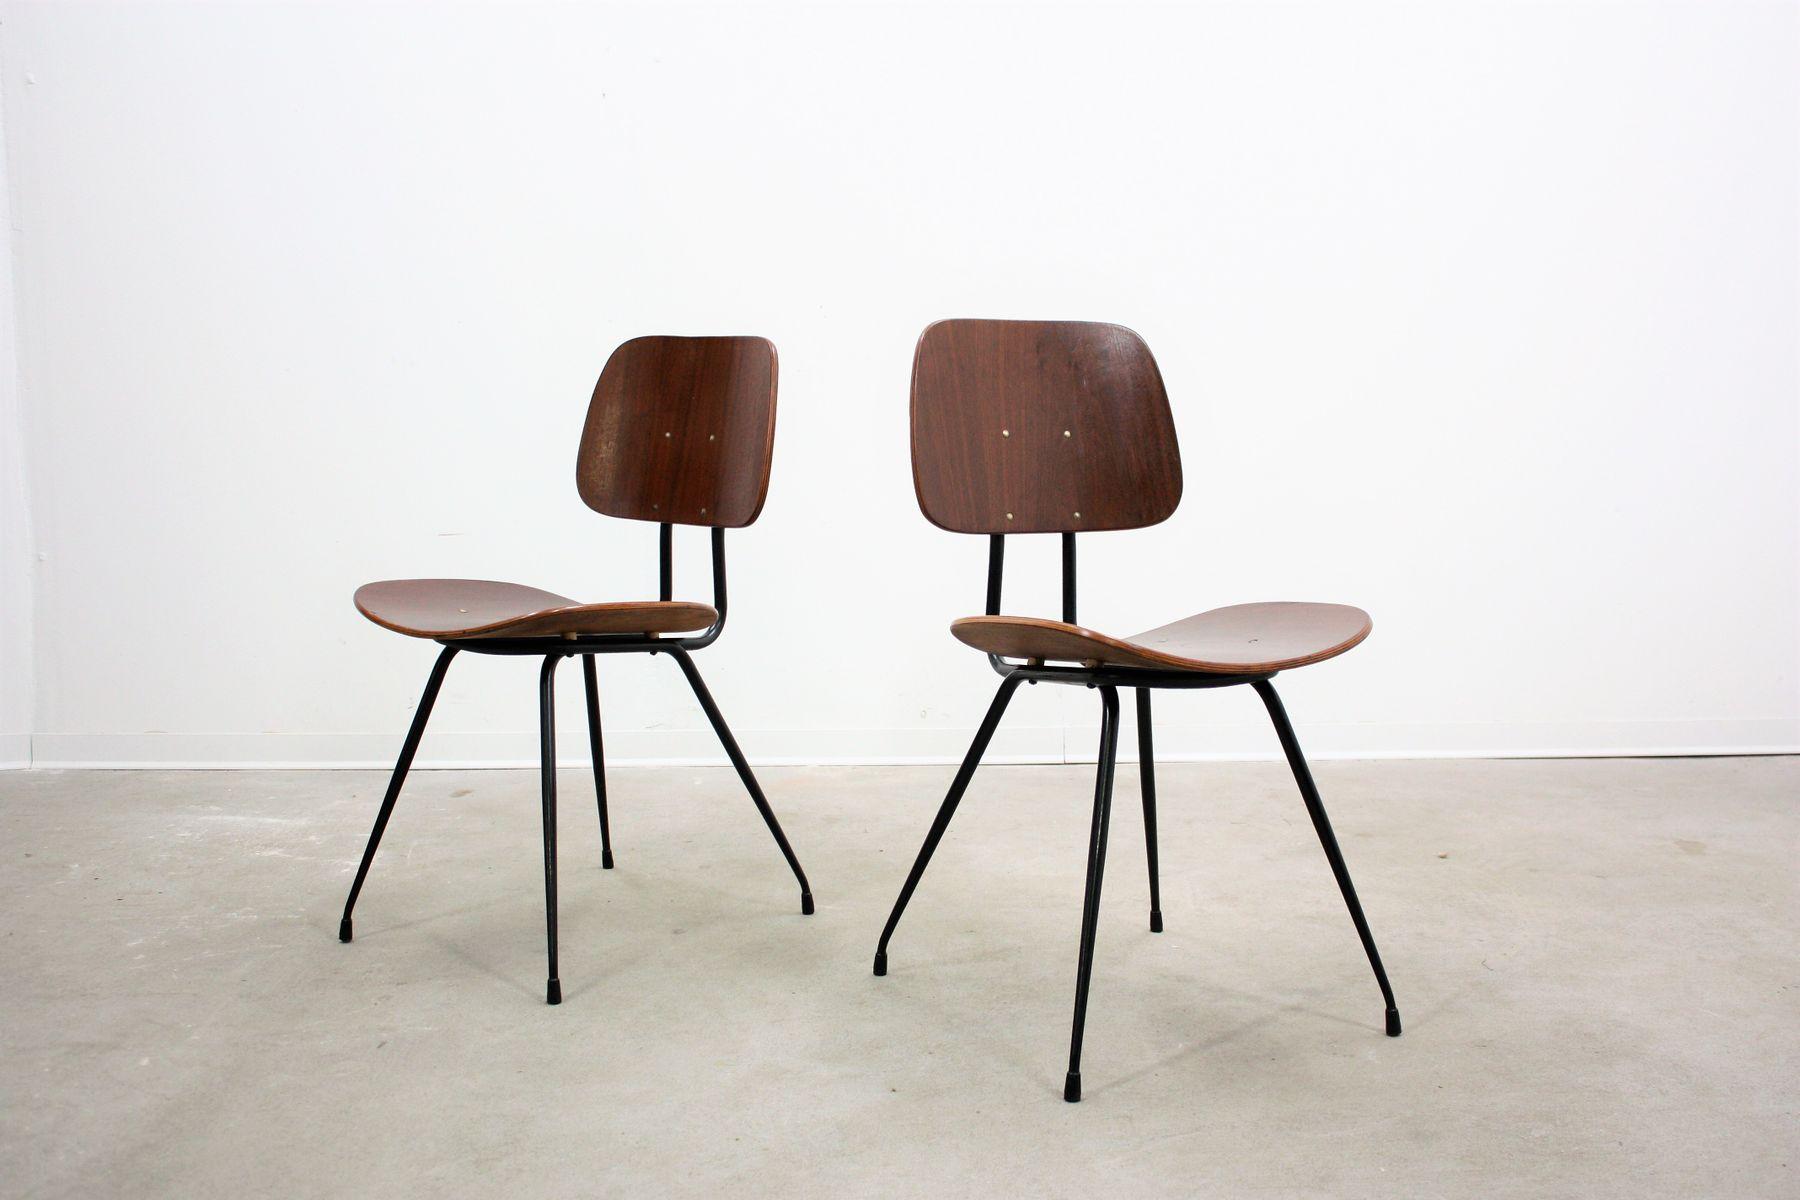 Chaises de salle manger mid century par gastone rinaldi for Set de salle a manger